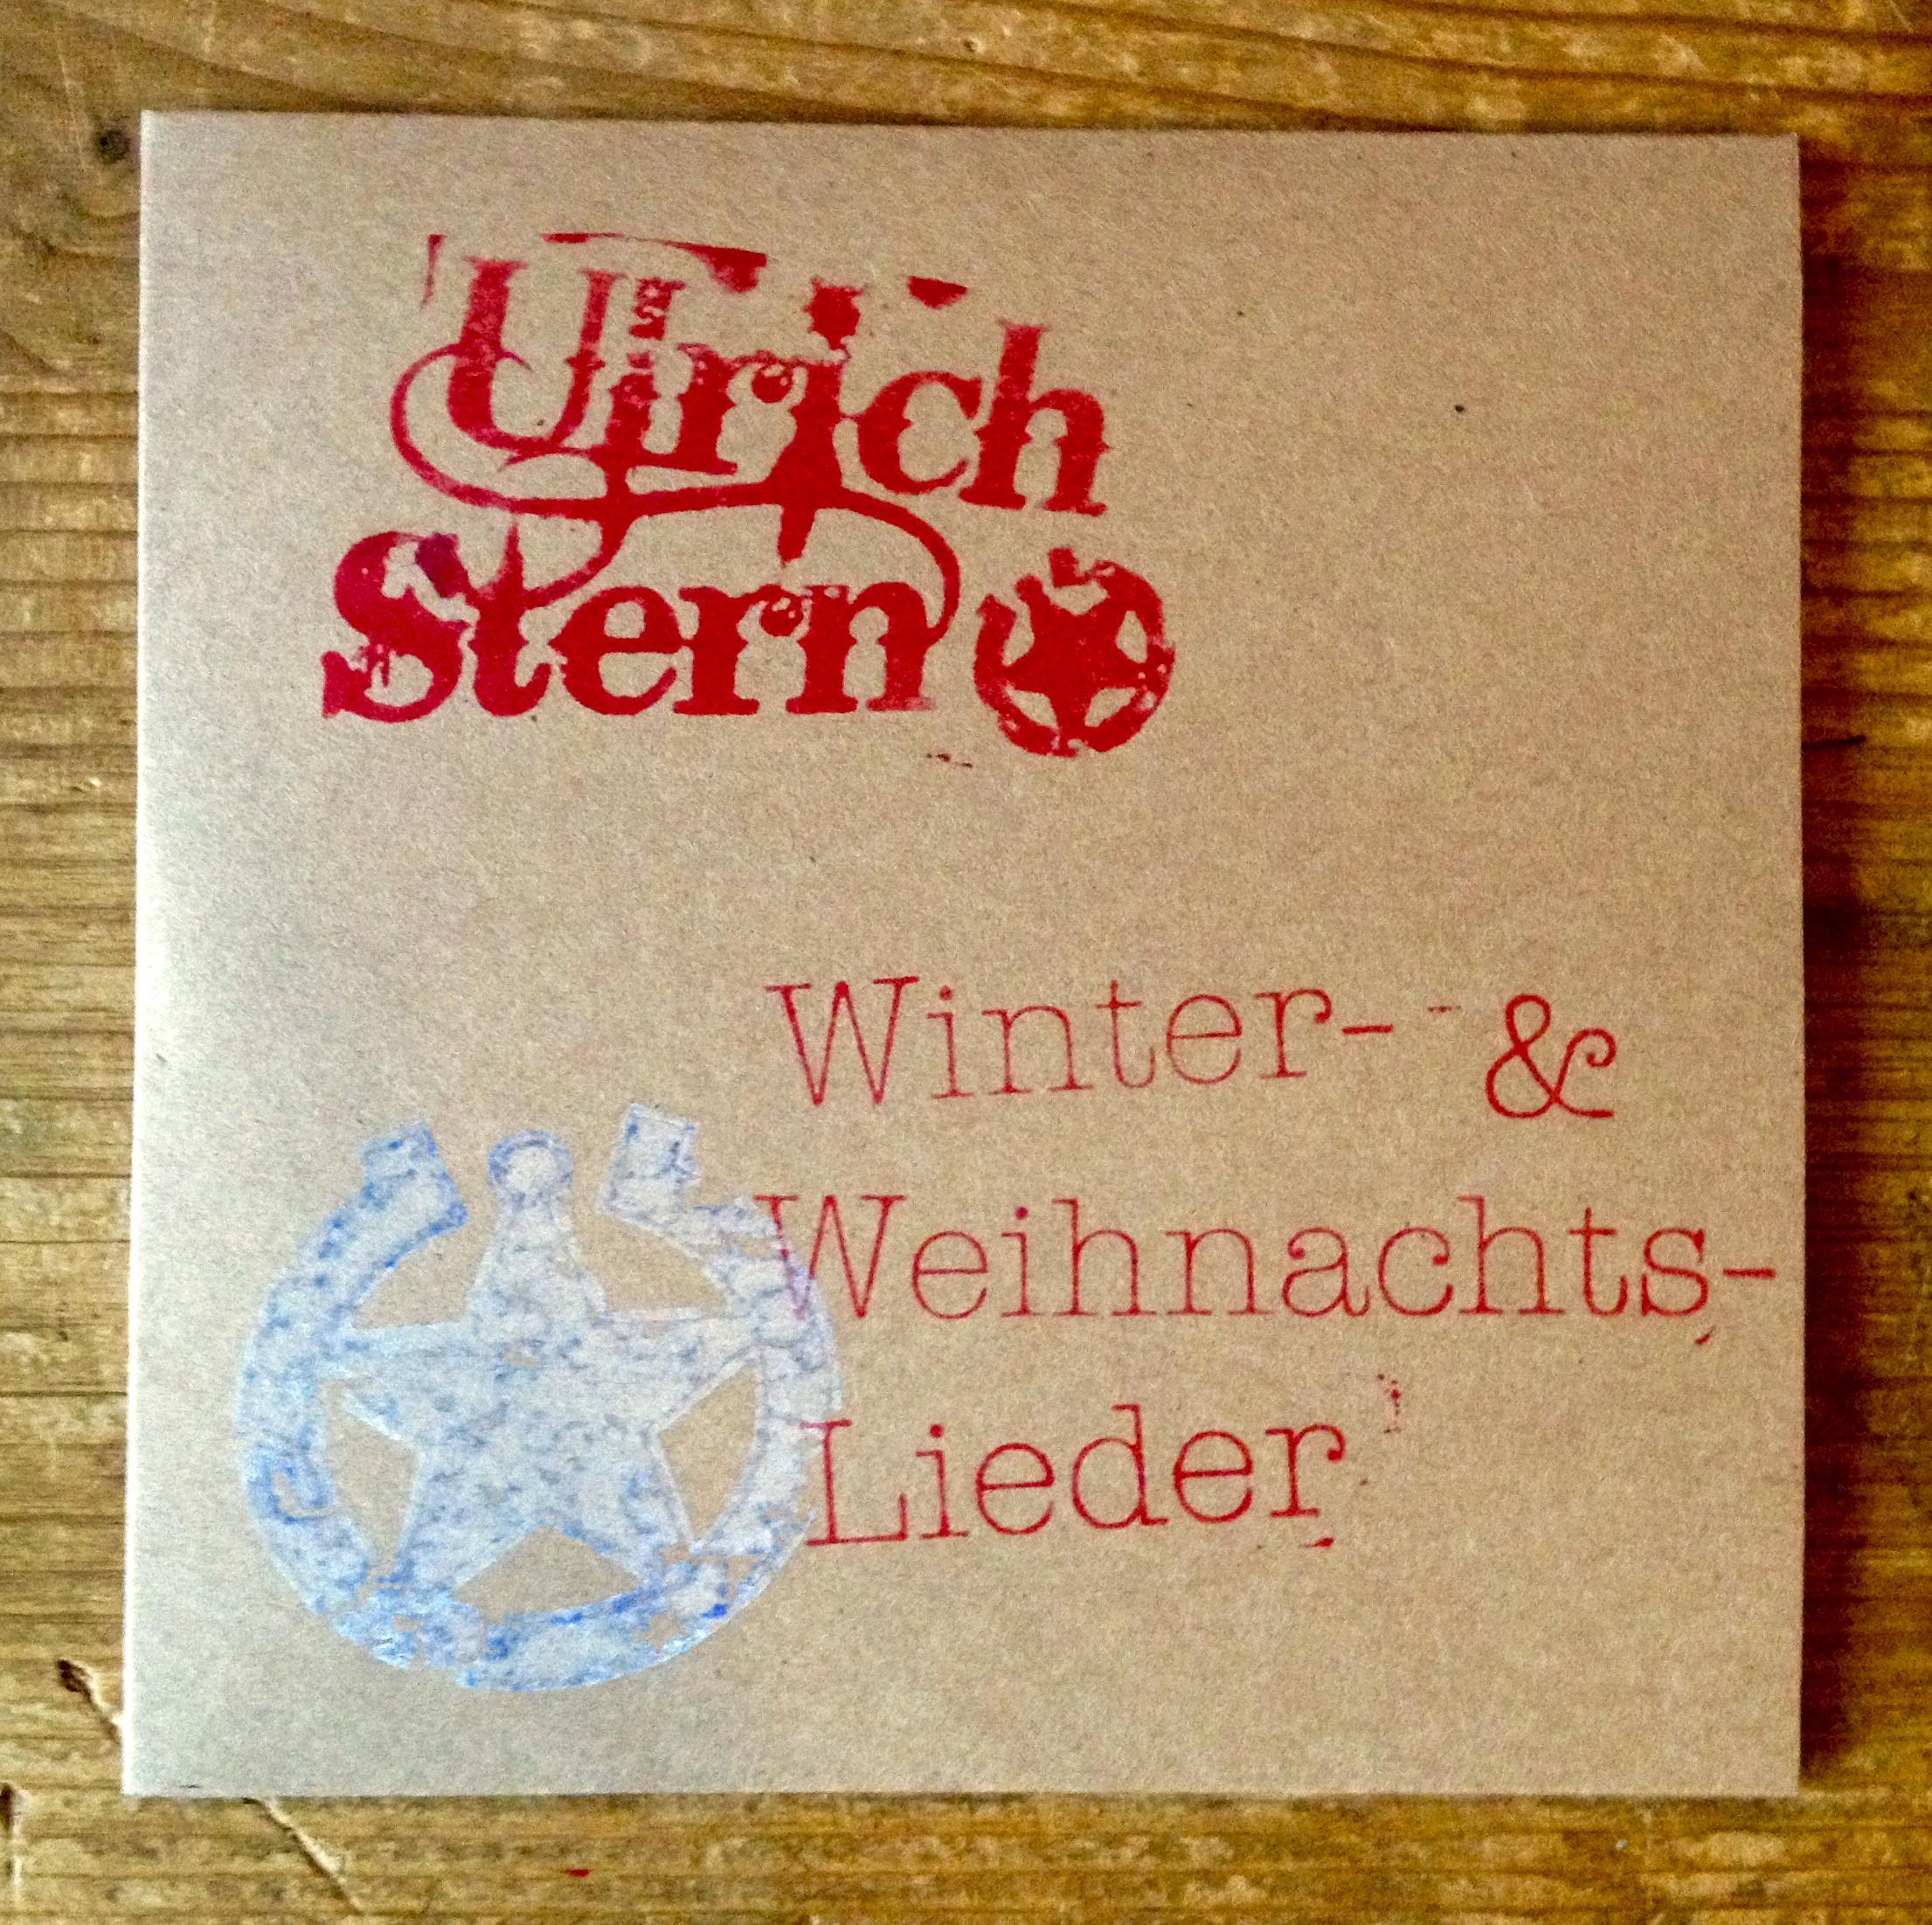 Weihnachtslieder Cd.Foto Cd Hülle Mit Stempel Winter Und Weihnachtslieder Cd Ulrich